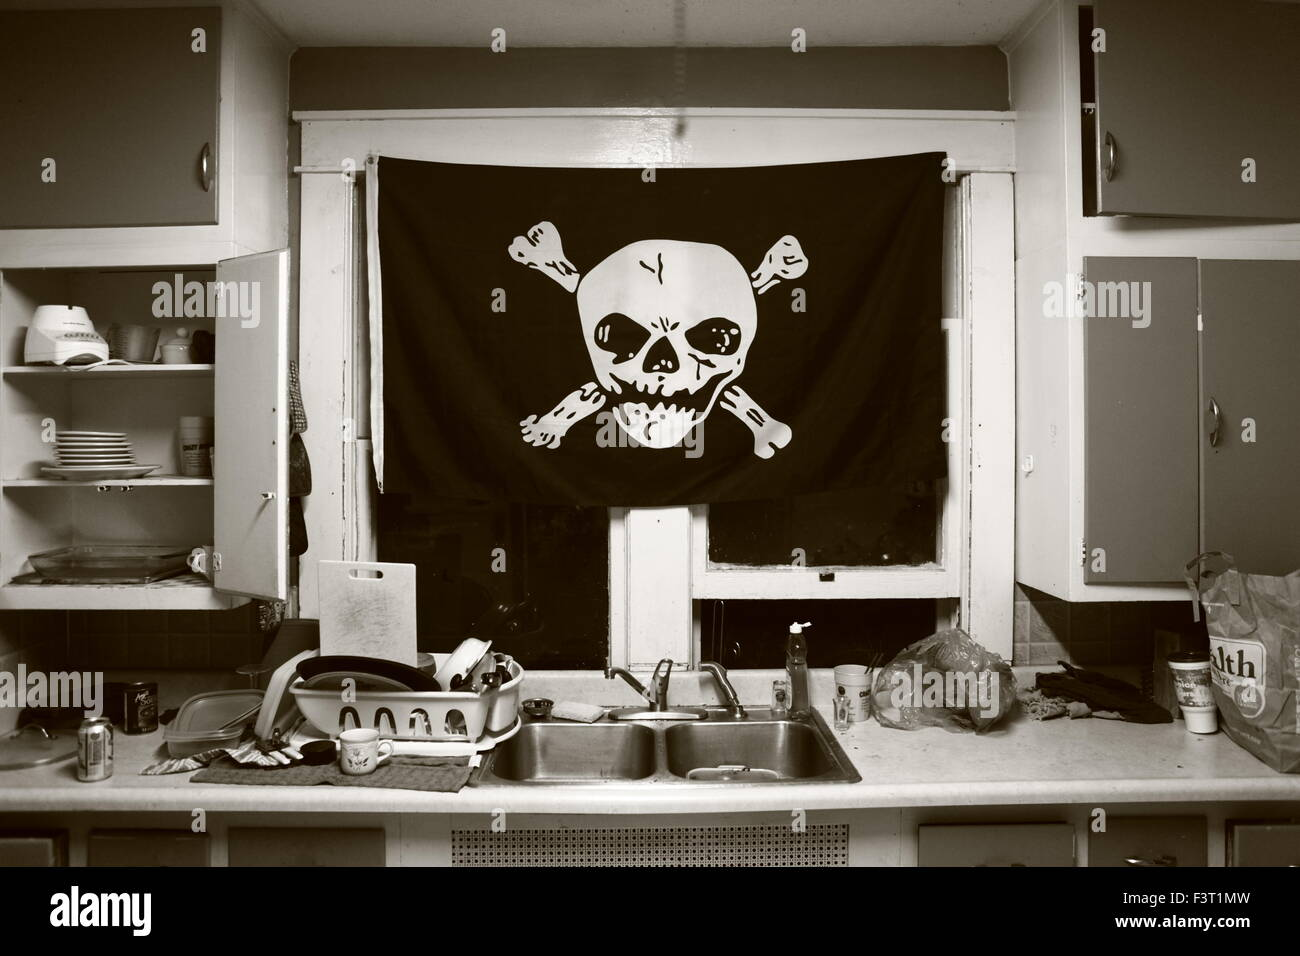 Piratenflagge in der Küche eines Punk-Hauses in Bloomington. Lass ...